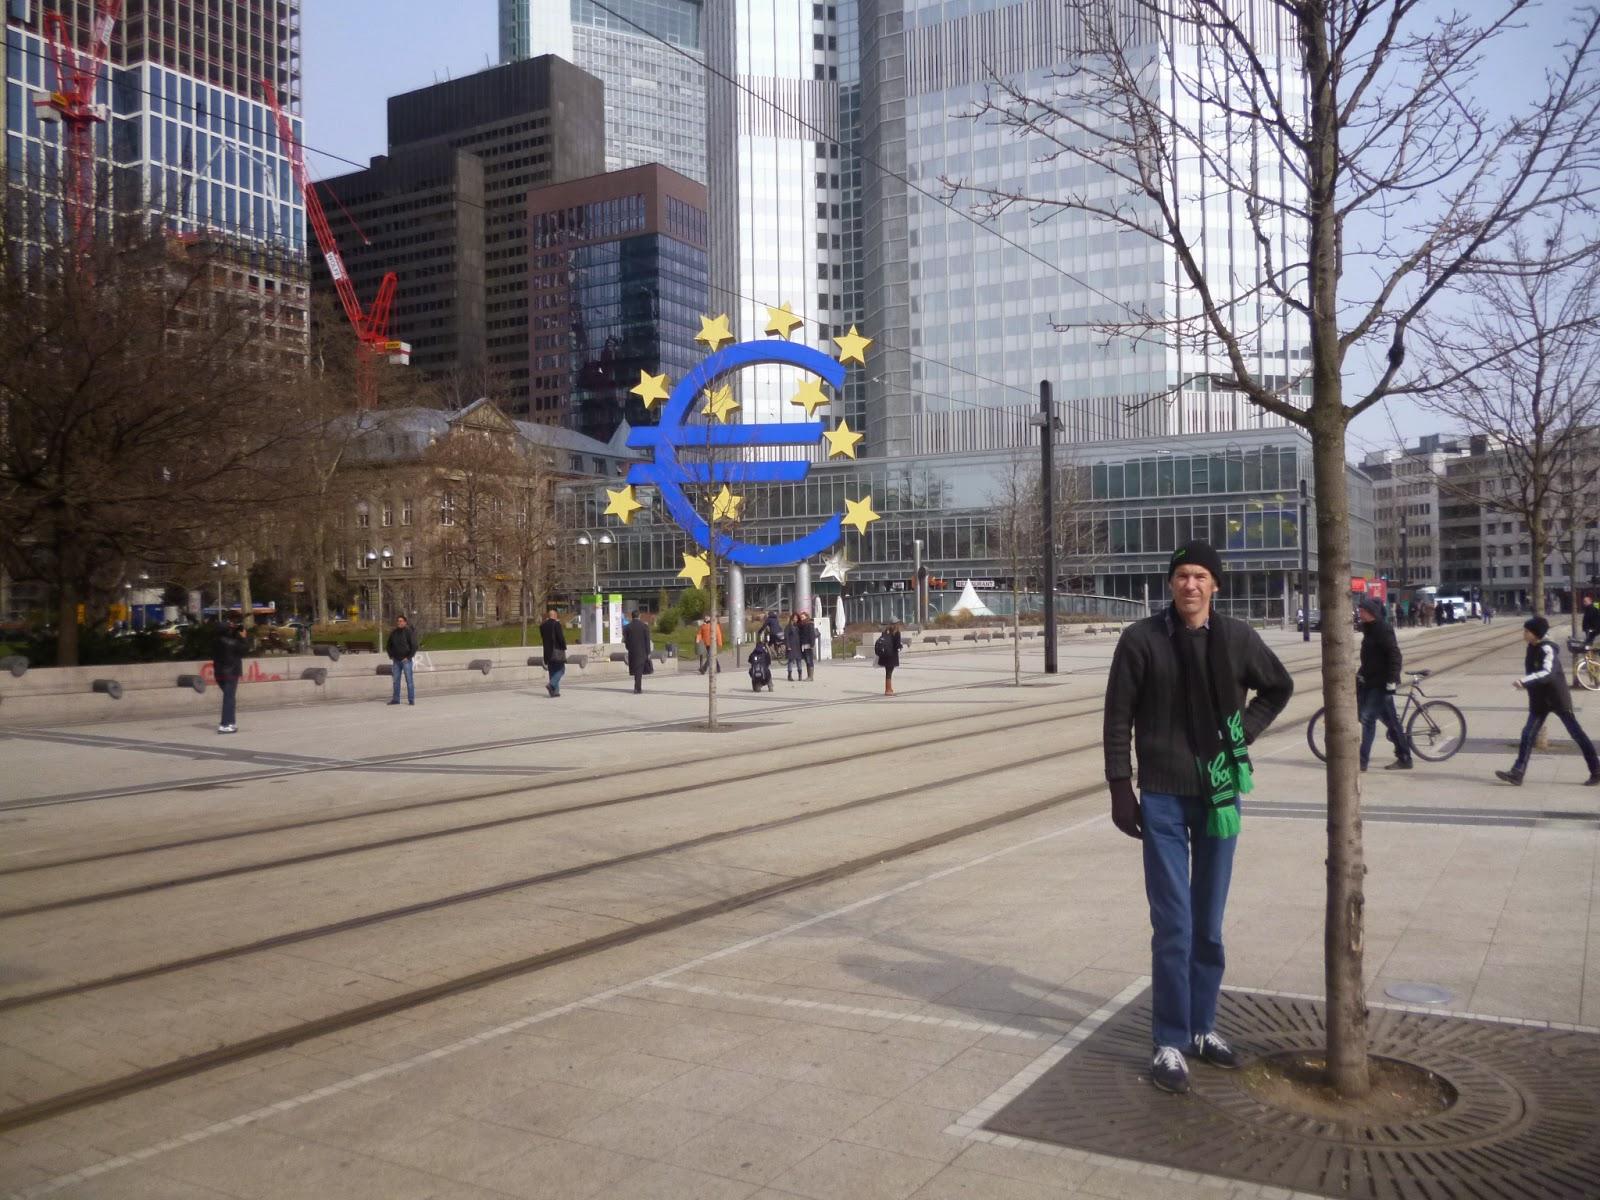 Me at Europlaz